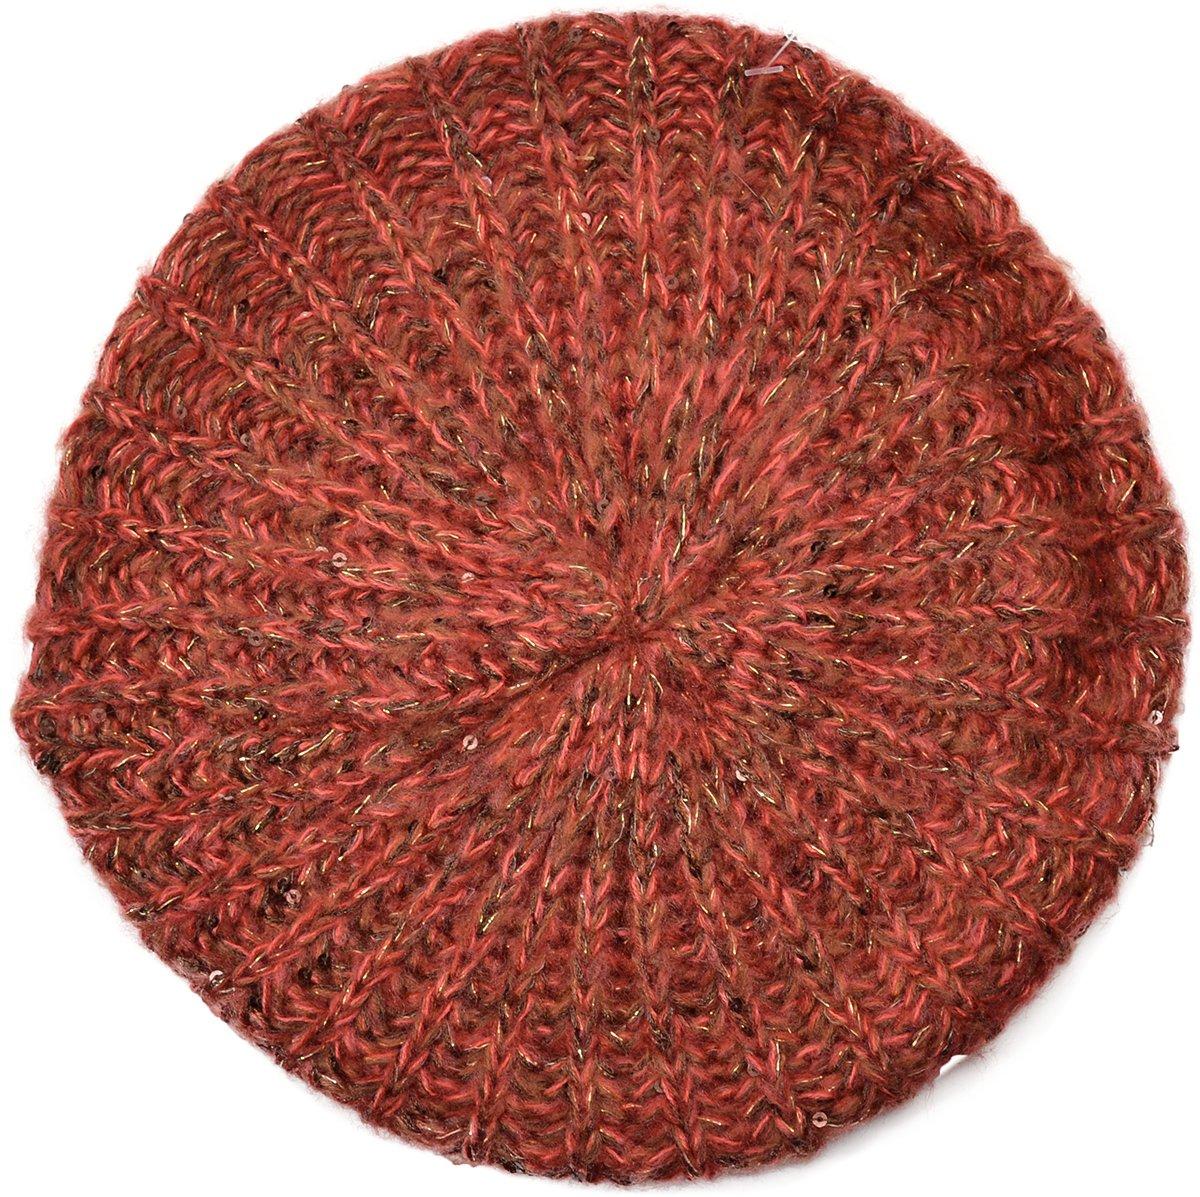 Genie by Eugenia Kim Women's Lucy Beret Hat, Pink/Burgundy,One Size by Genie by Eugenia Kim (Image #1)